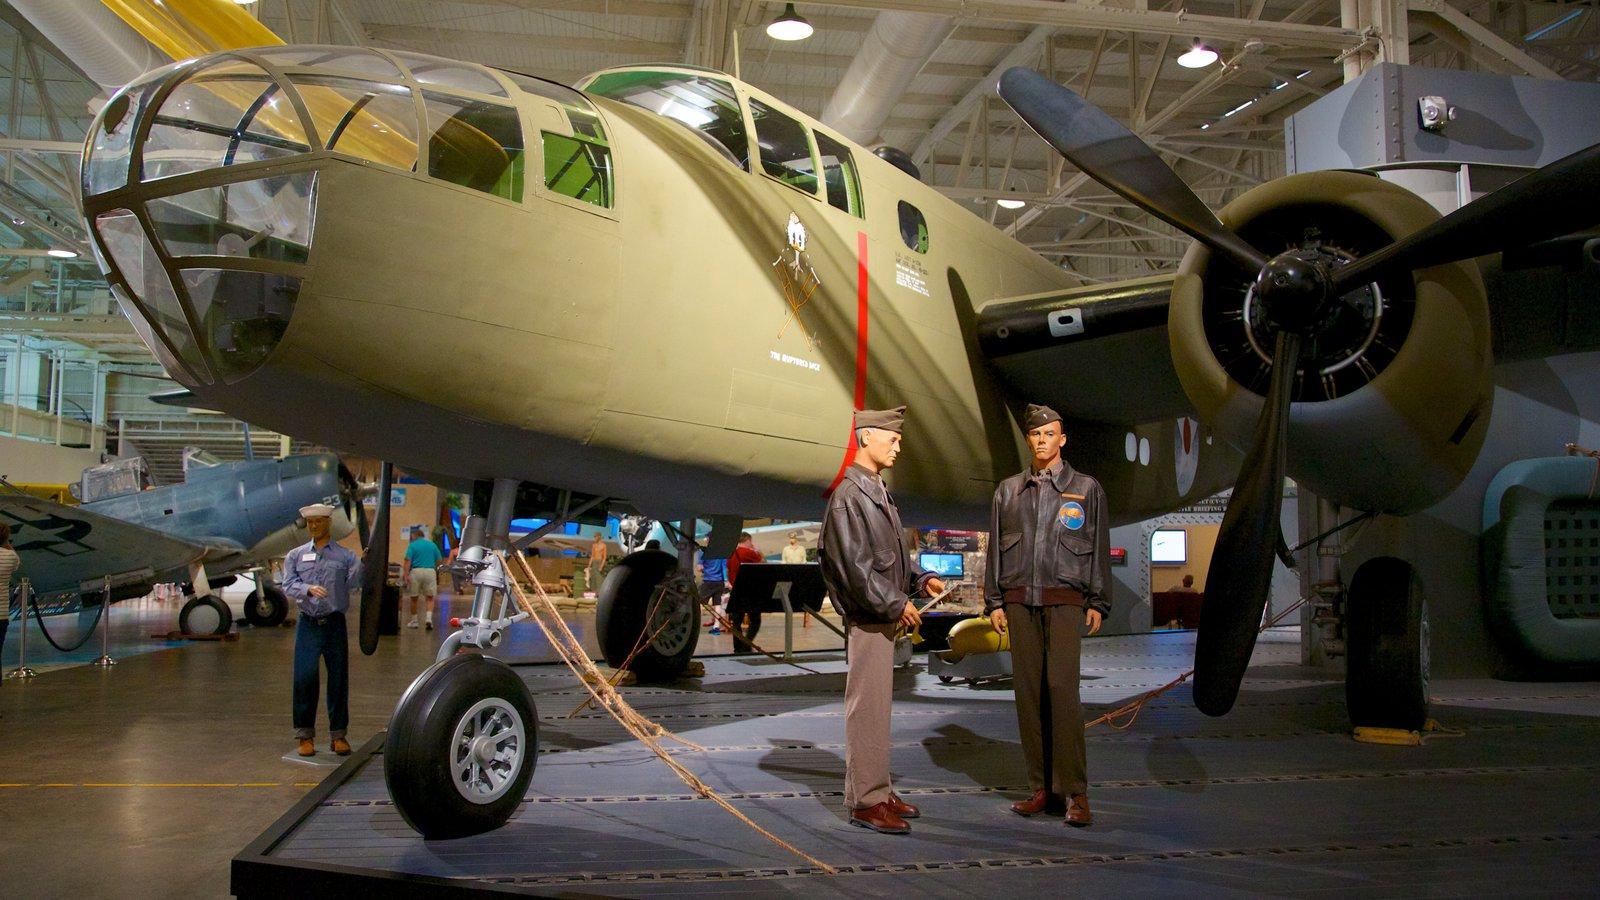 Pearl Harbor mostrando aeronave y vistas interiores